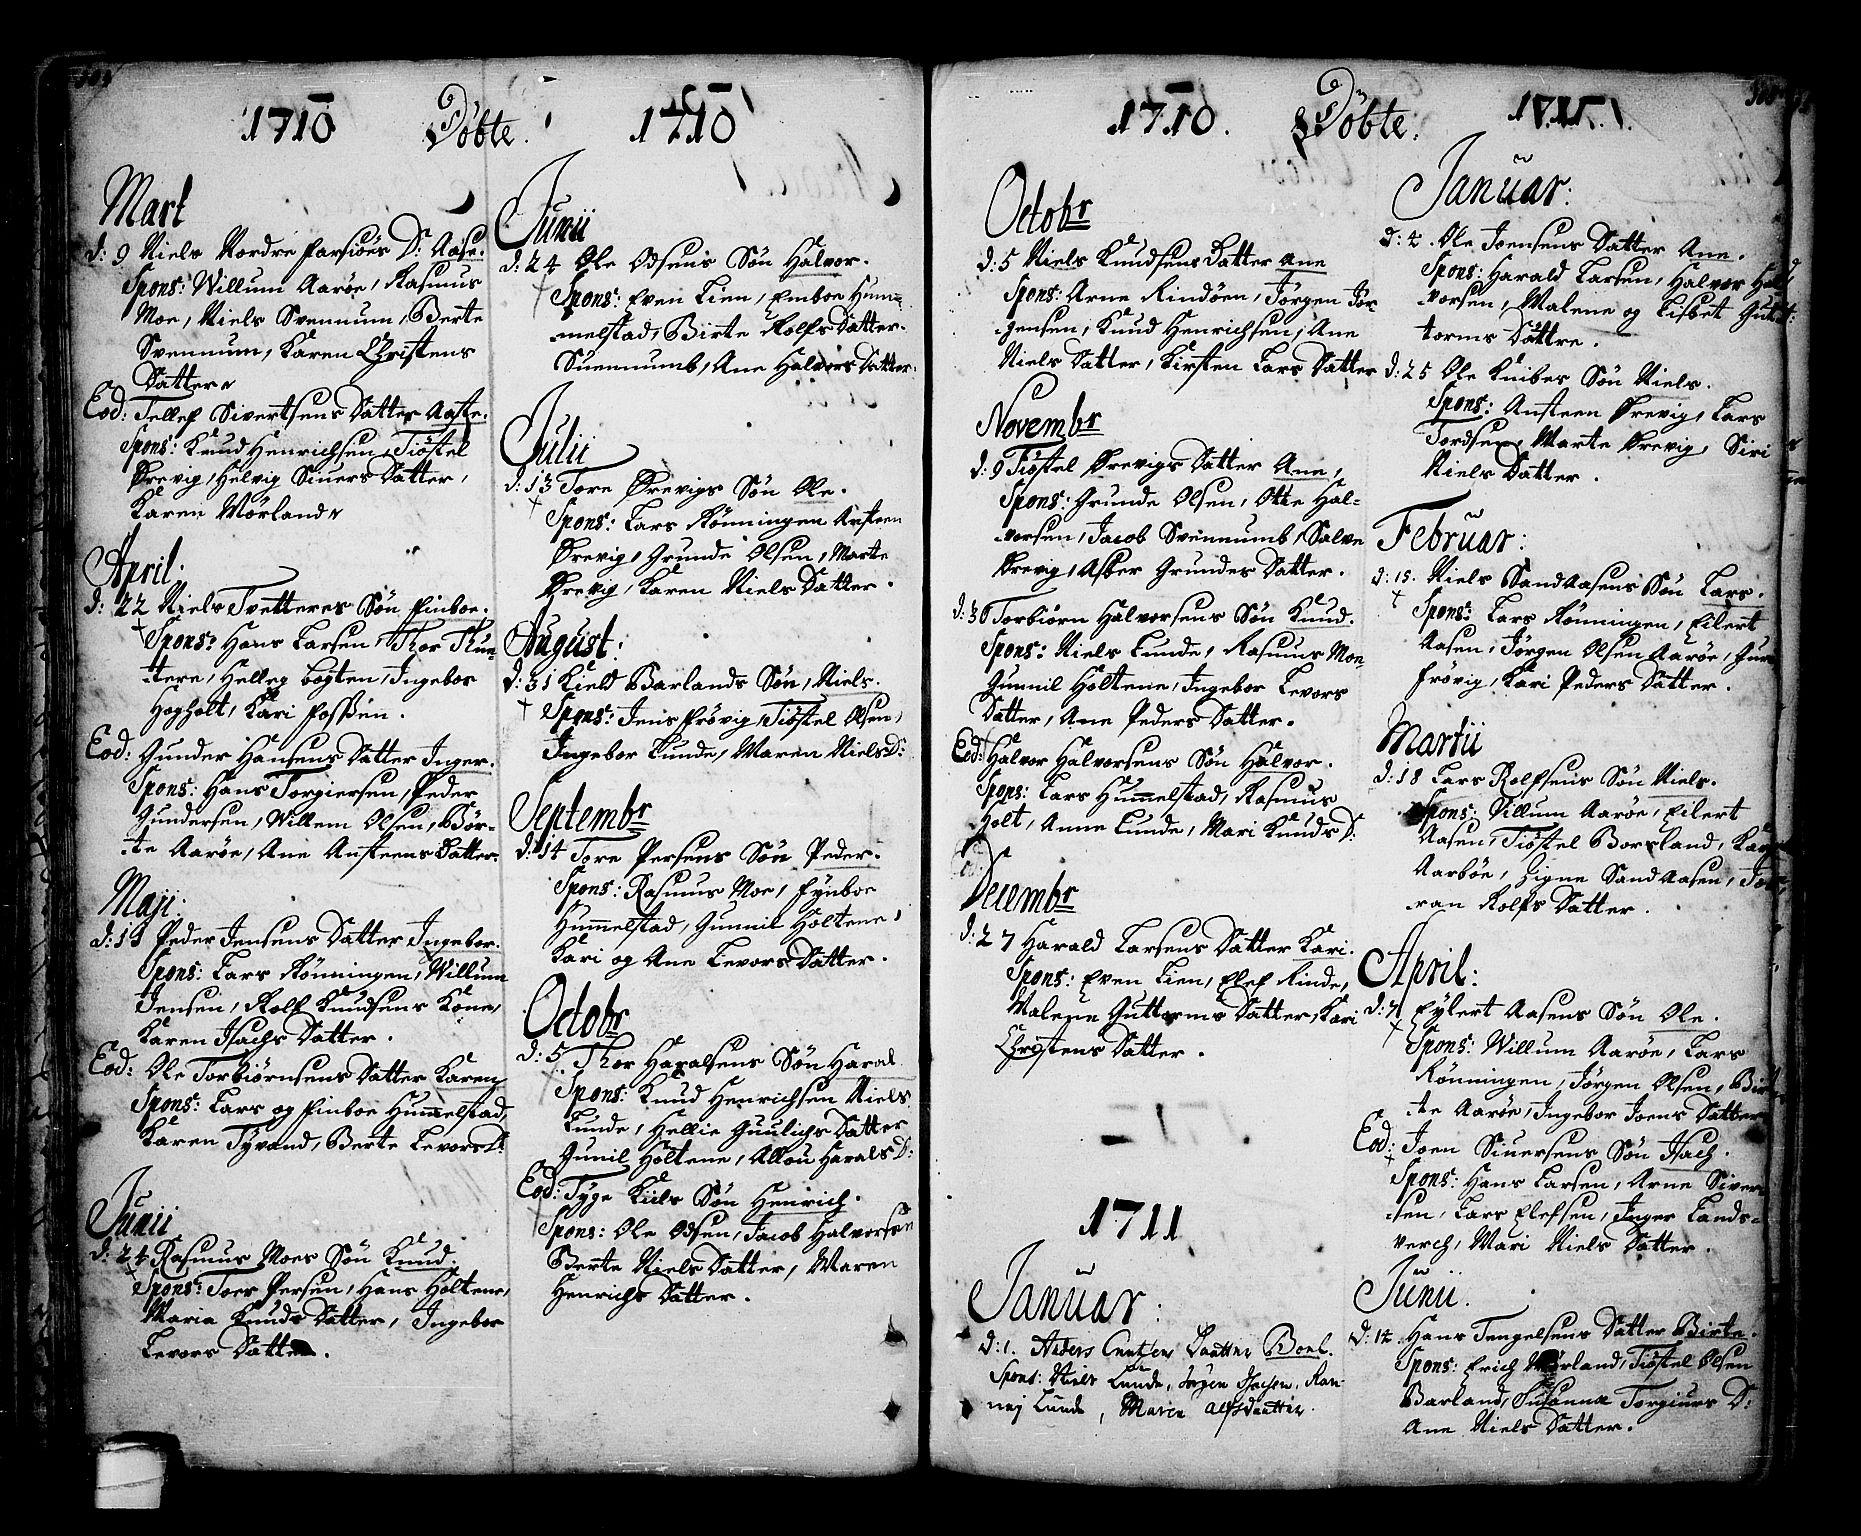 SAKO, Sannidal kirkebøker, F/Fa/L0001: Ministerialbok nr. 1, 1702-1766, s. 104-105